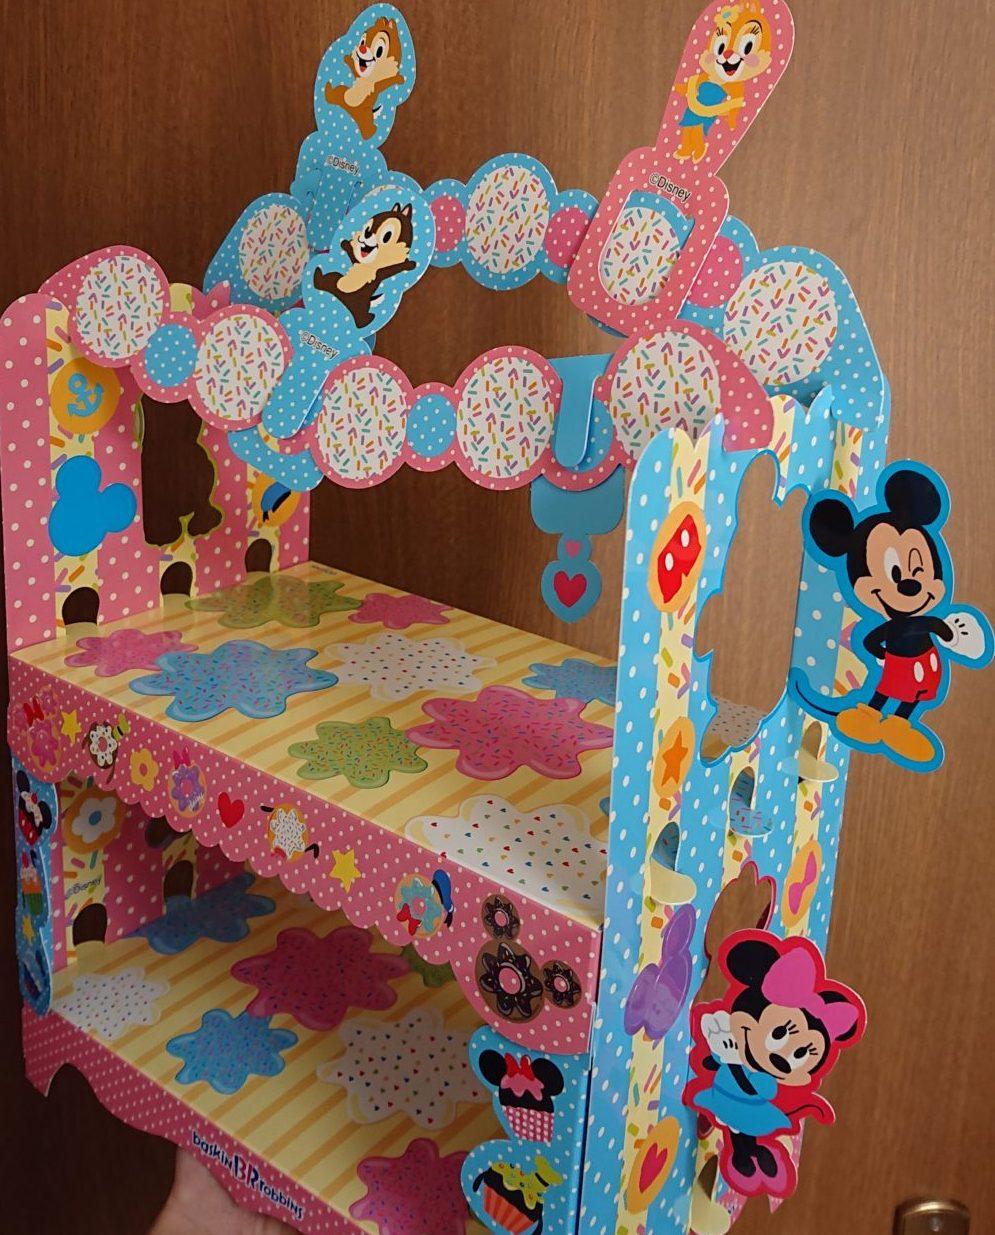 完成図 「ミッキー&フレンズ」アイスクリームパーティーセット